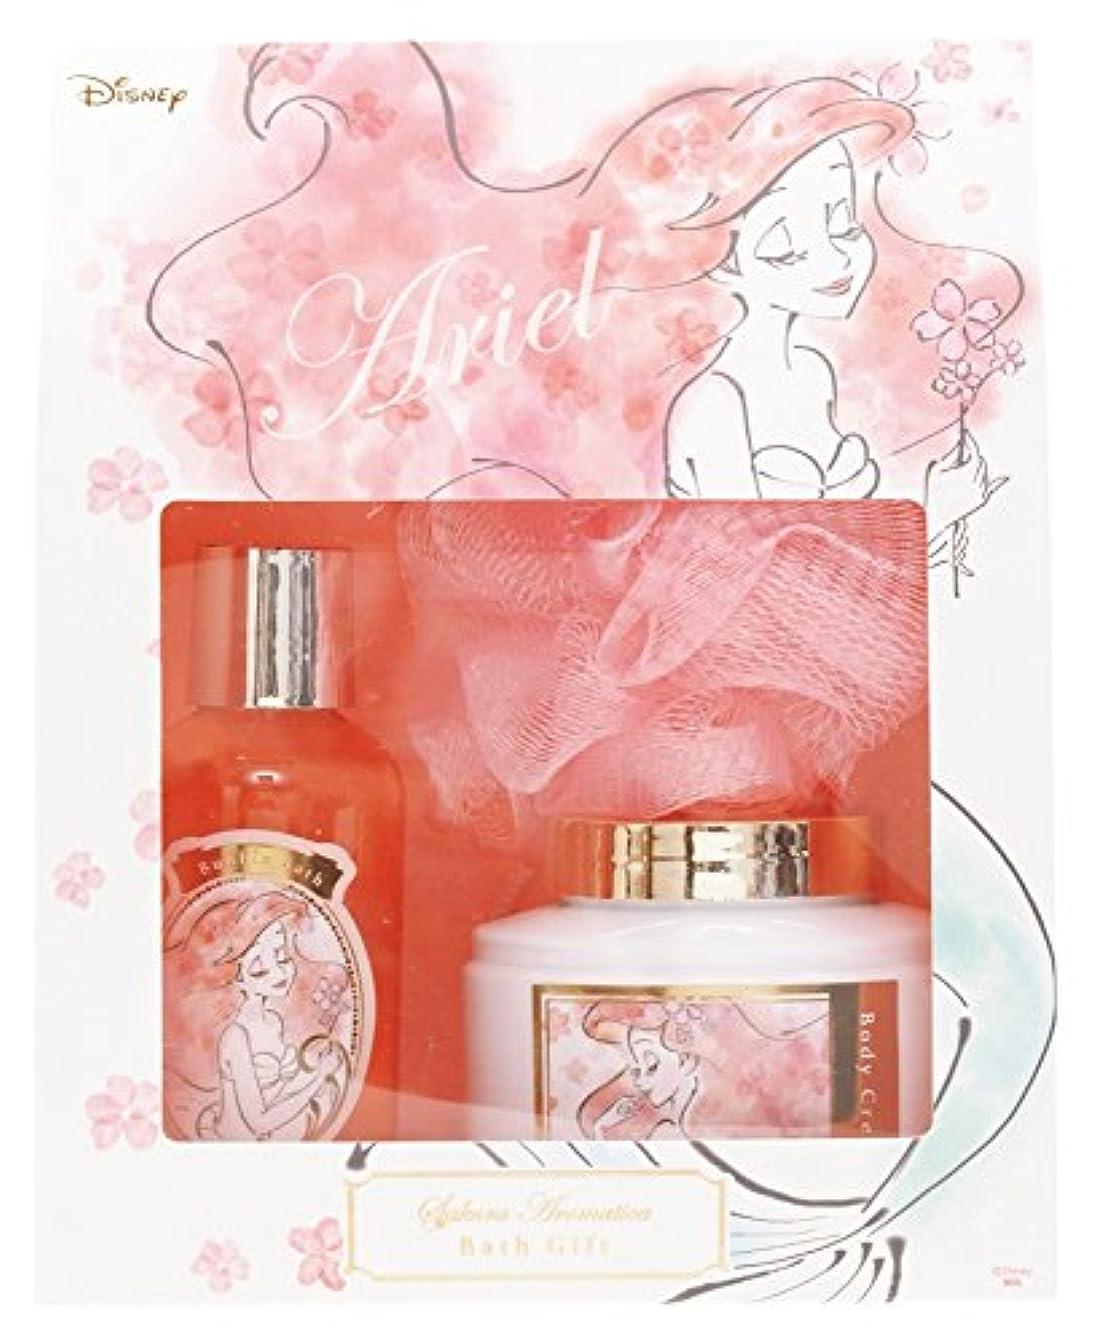 やさしい誕生年齢ディズニー 入浴剤 ギフトセット アリエル サクラアロマティカ サクラノスタルジア の香り DIT-8-01